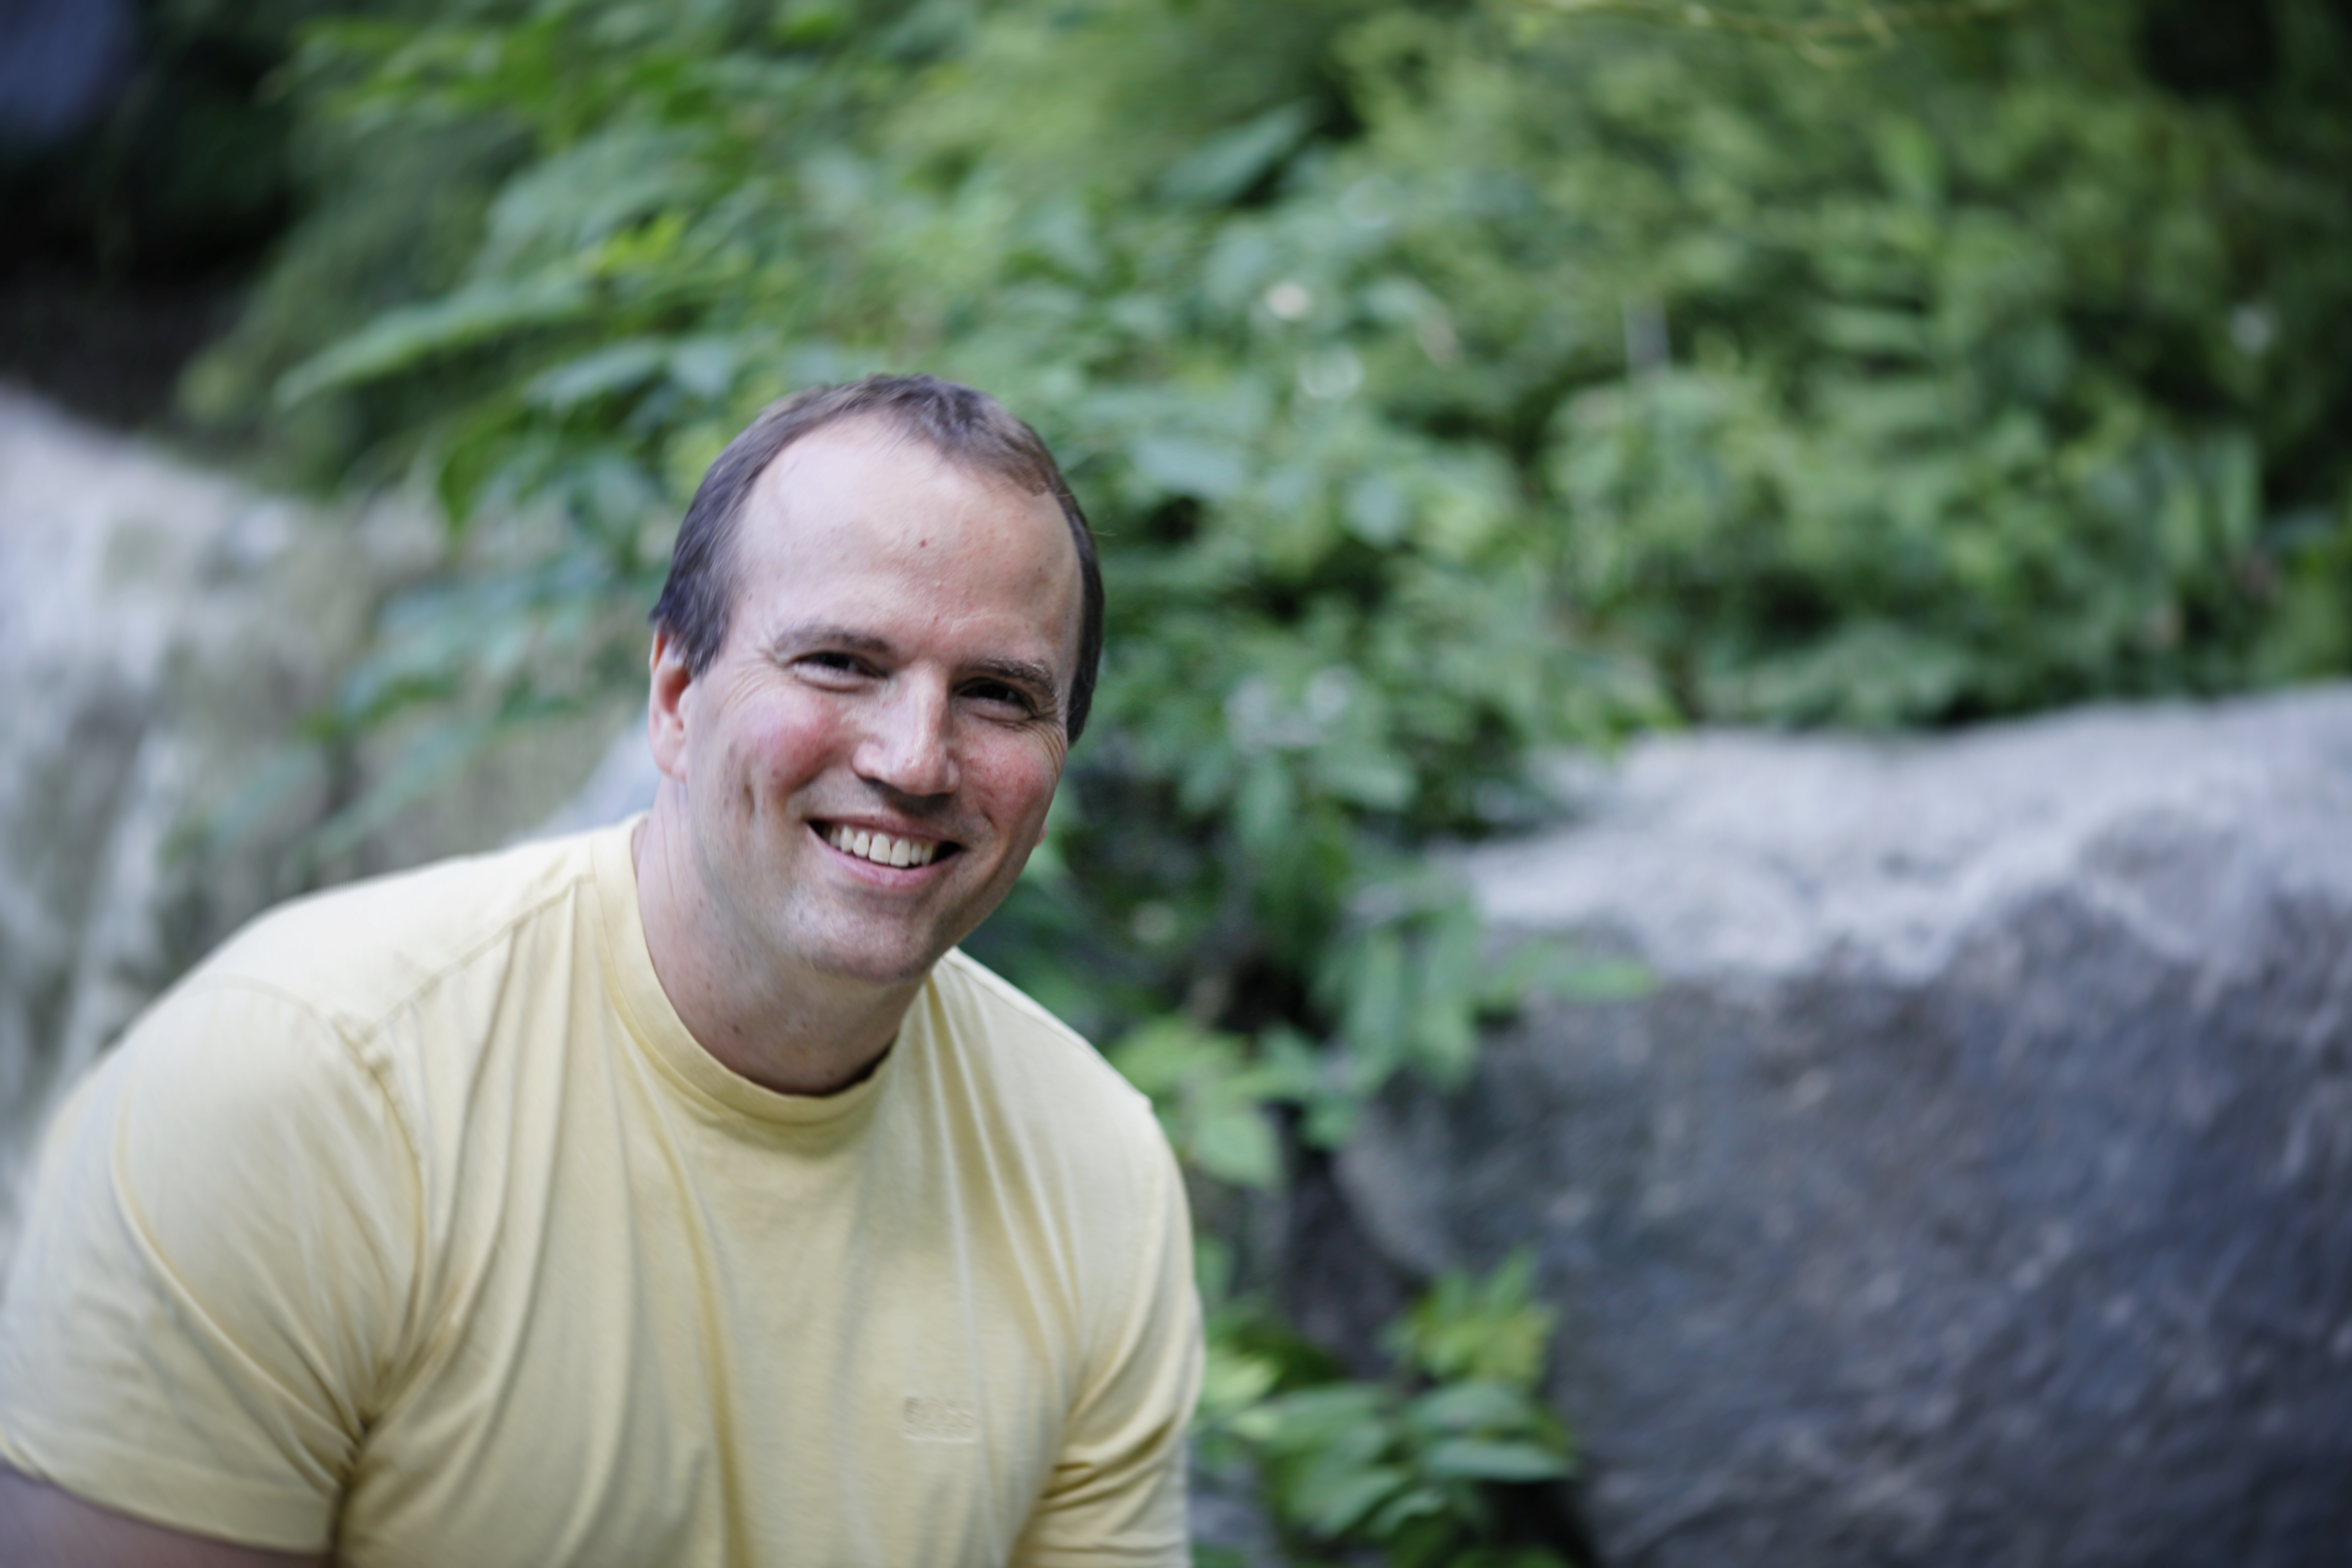 John Biggs - Owner of Optimum Health Vitamins